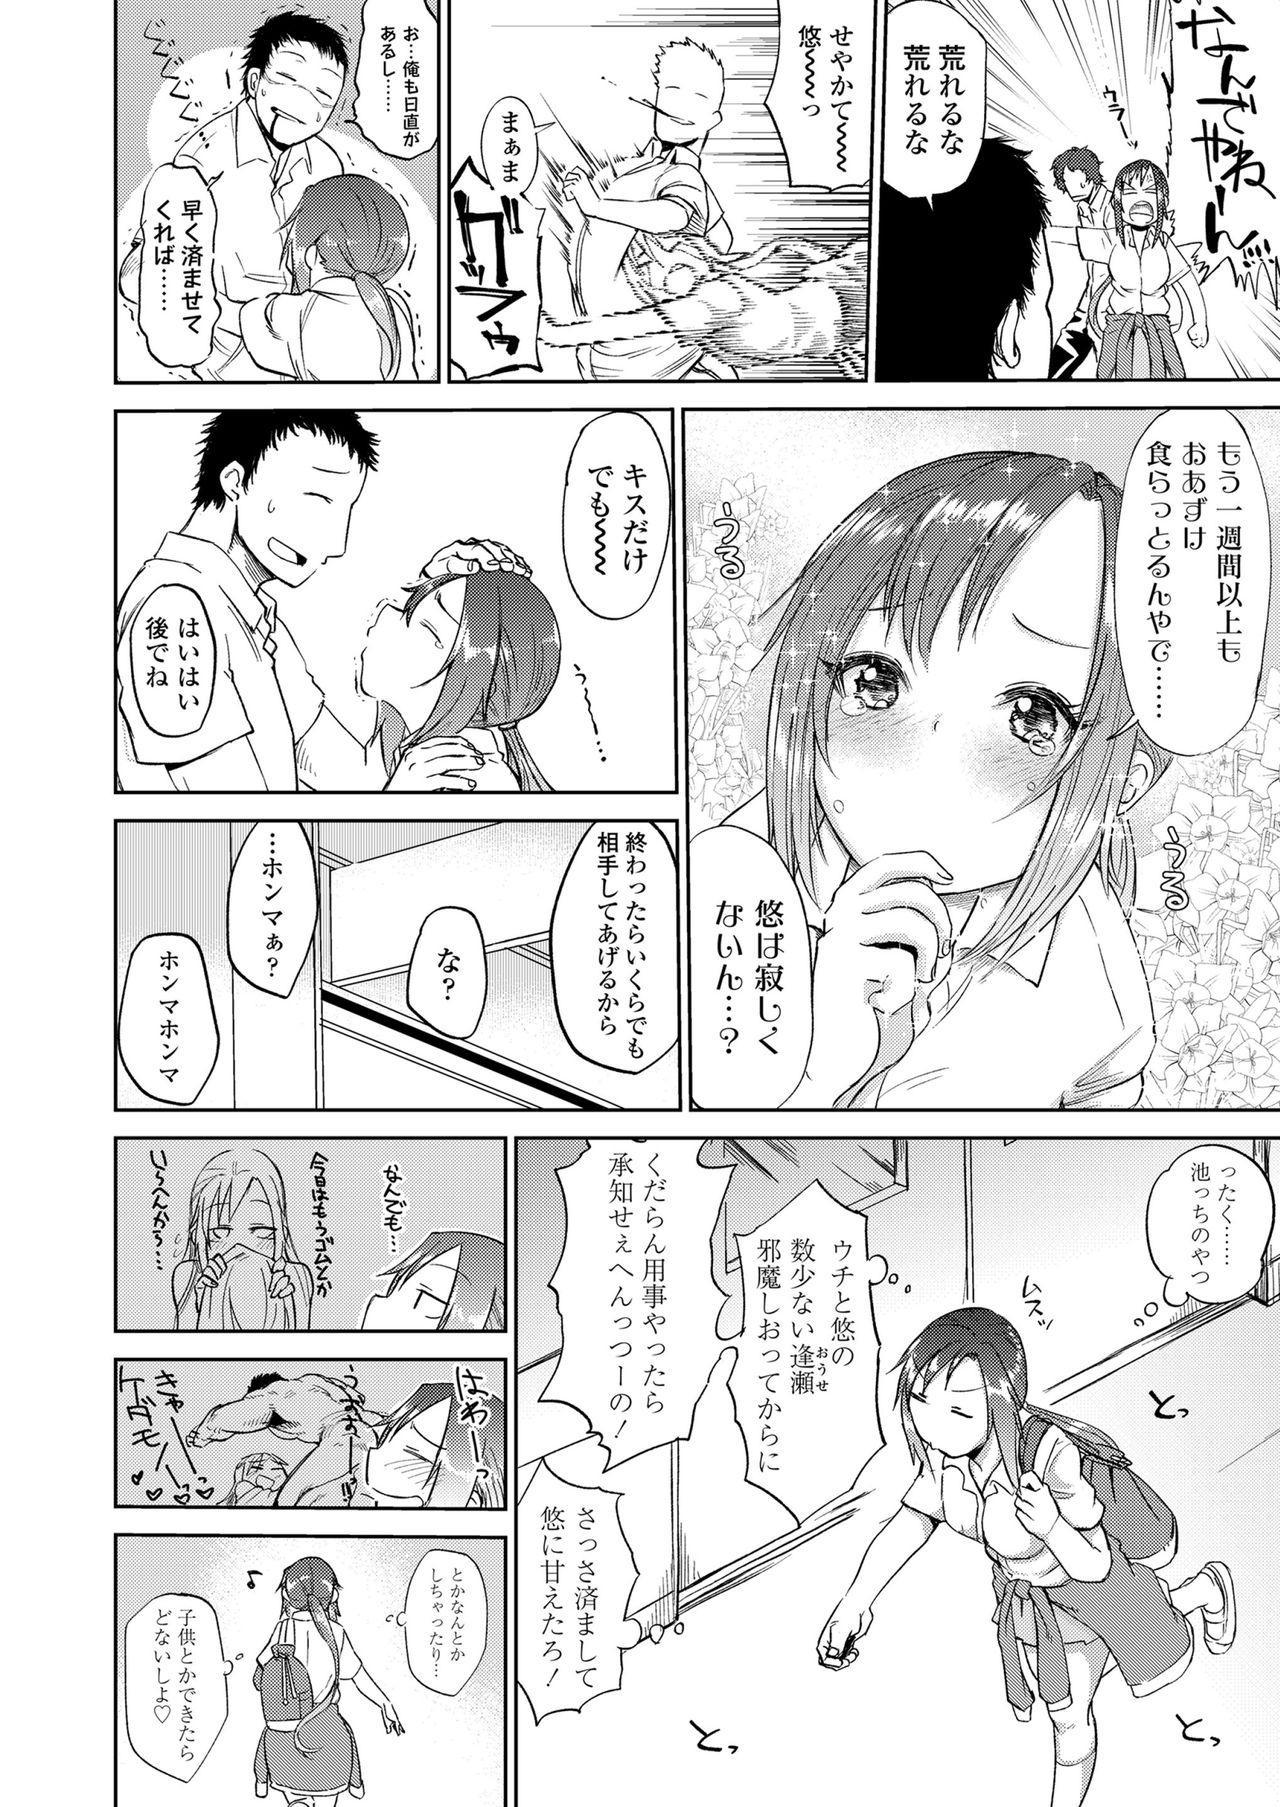 Amai Kajitsu 3